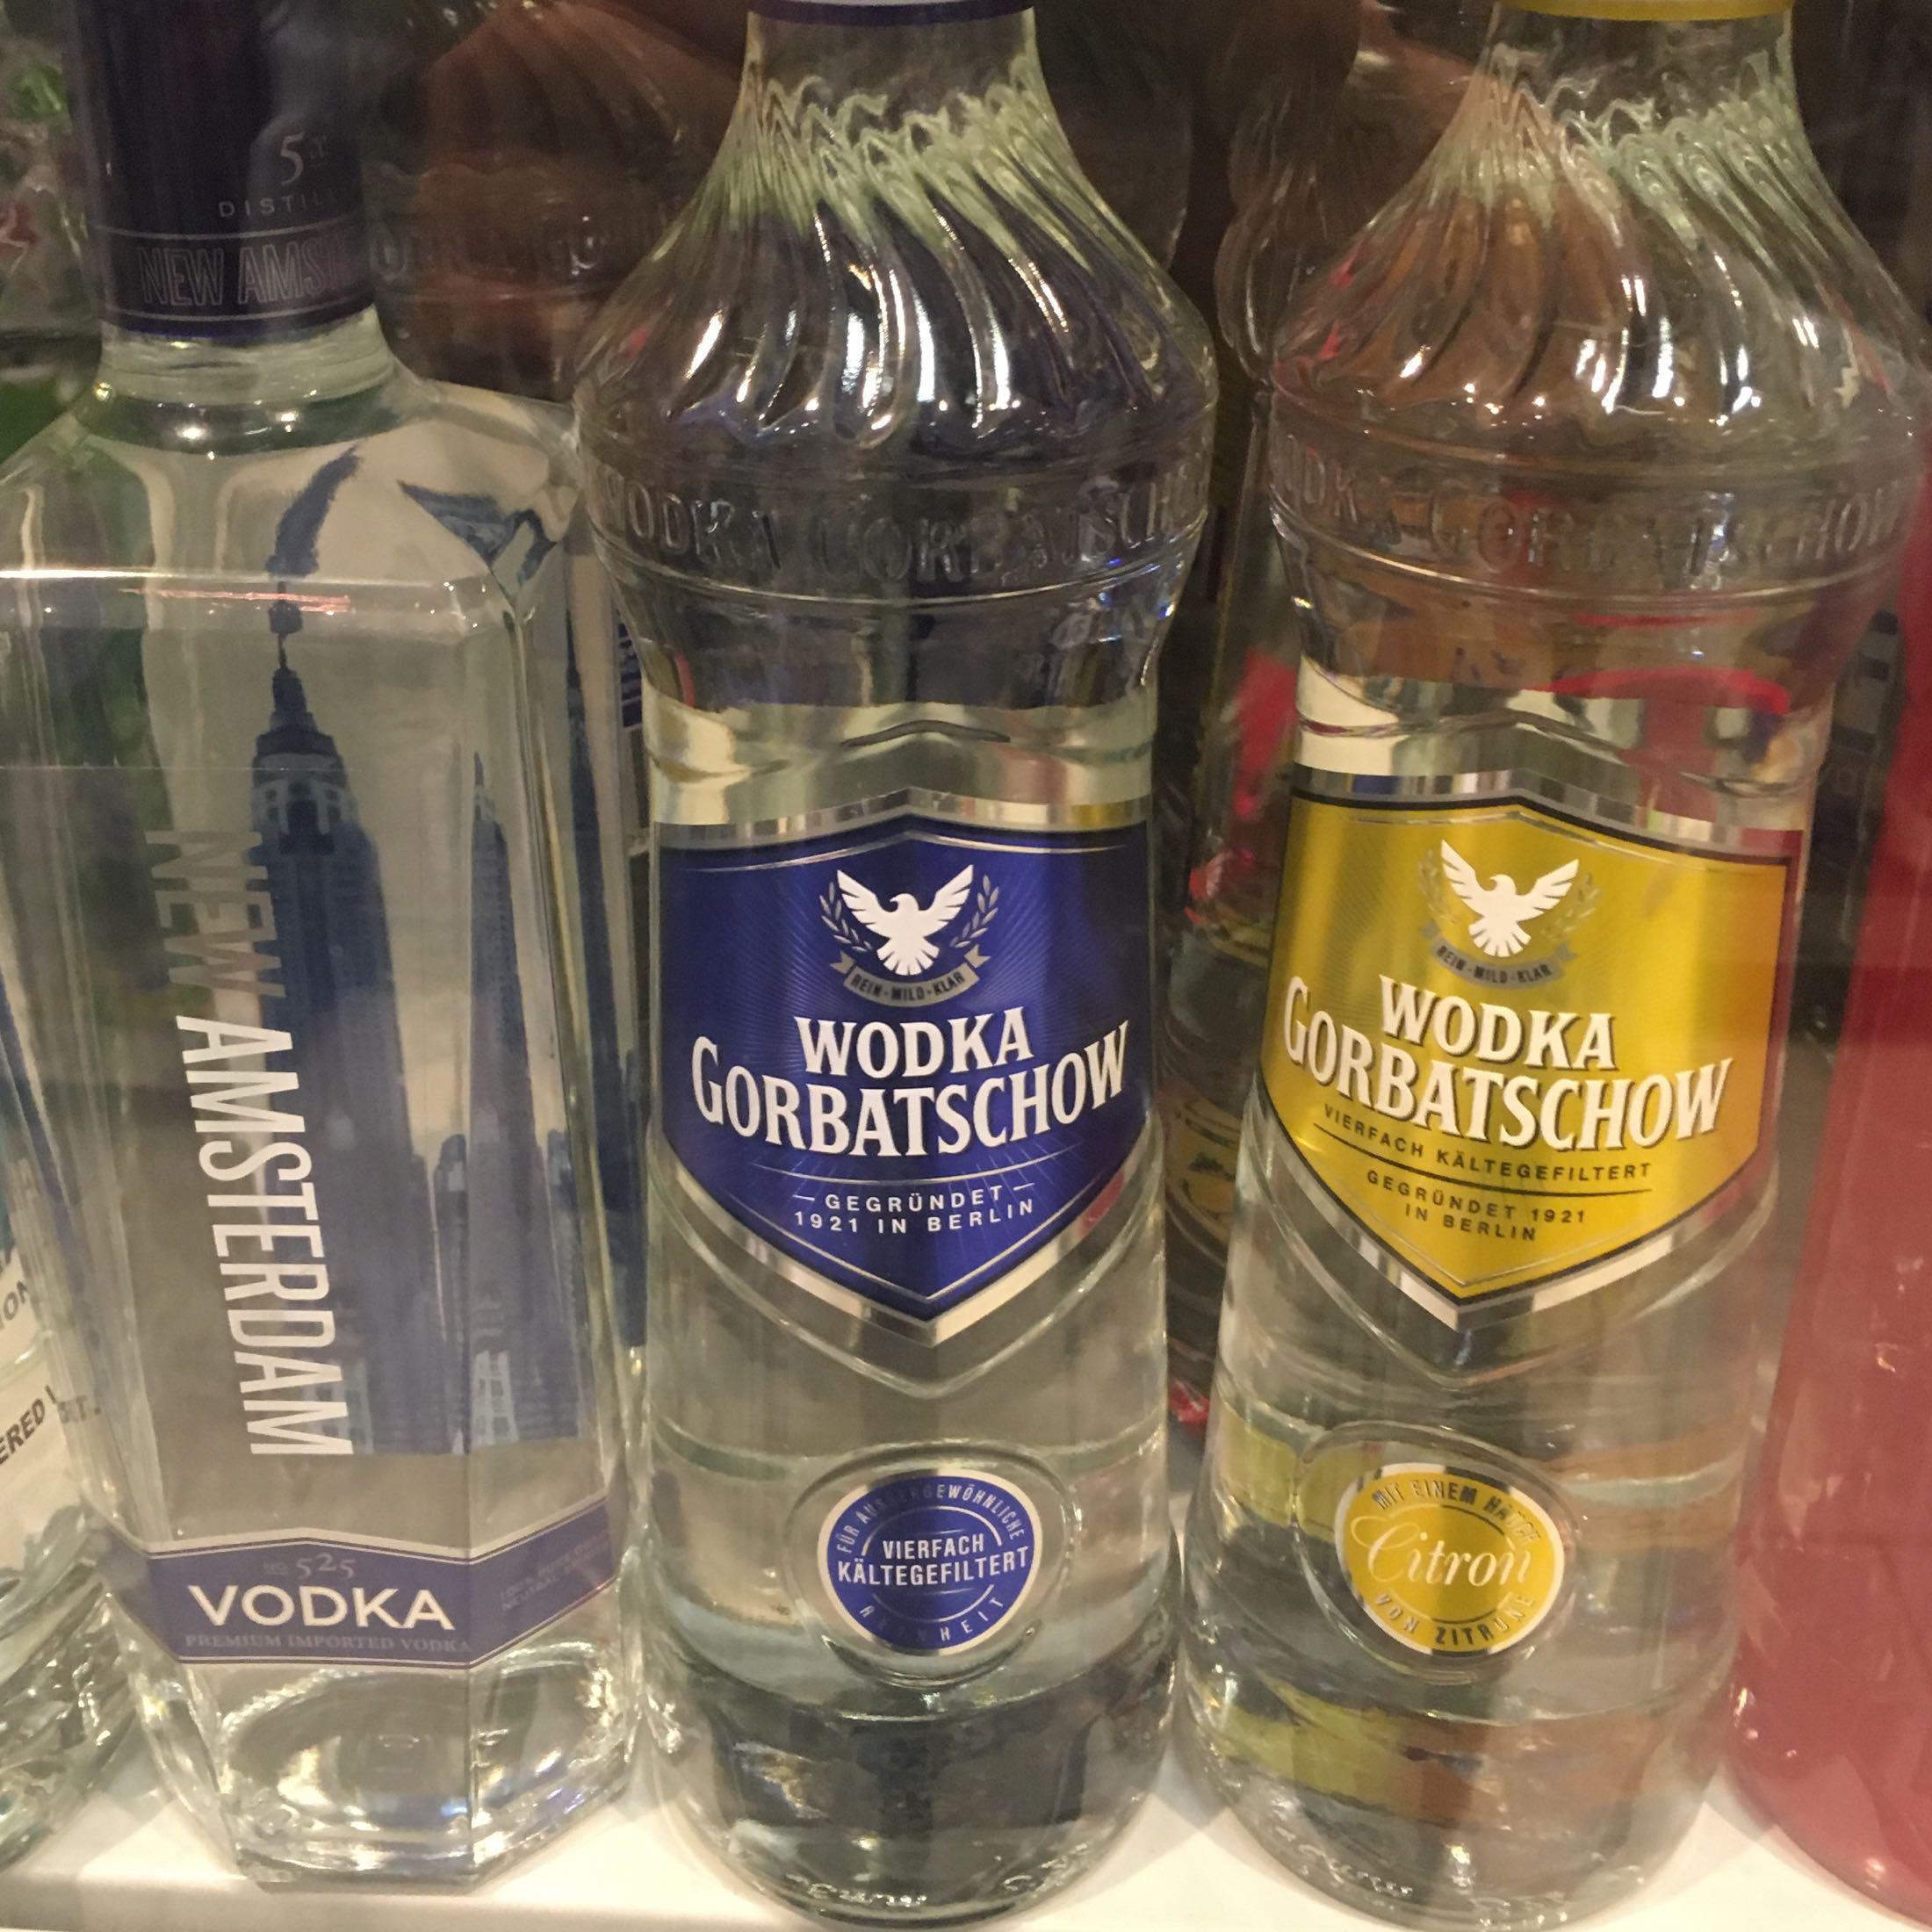 wie viel promille hat eine halbe flasche vodka 39 siehe bild. Black Bedroom Furniture Sets. Home Design Ideas